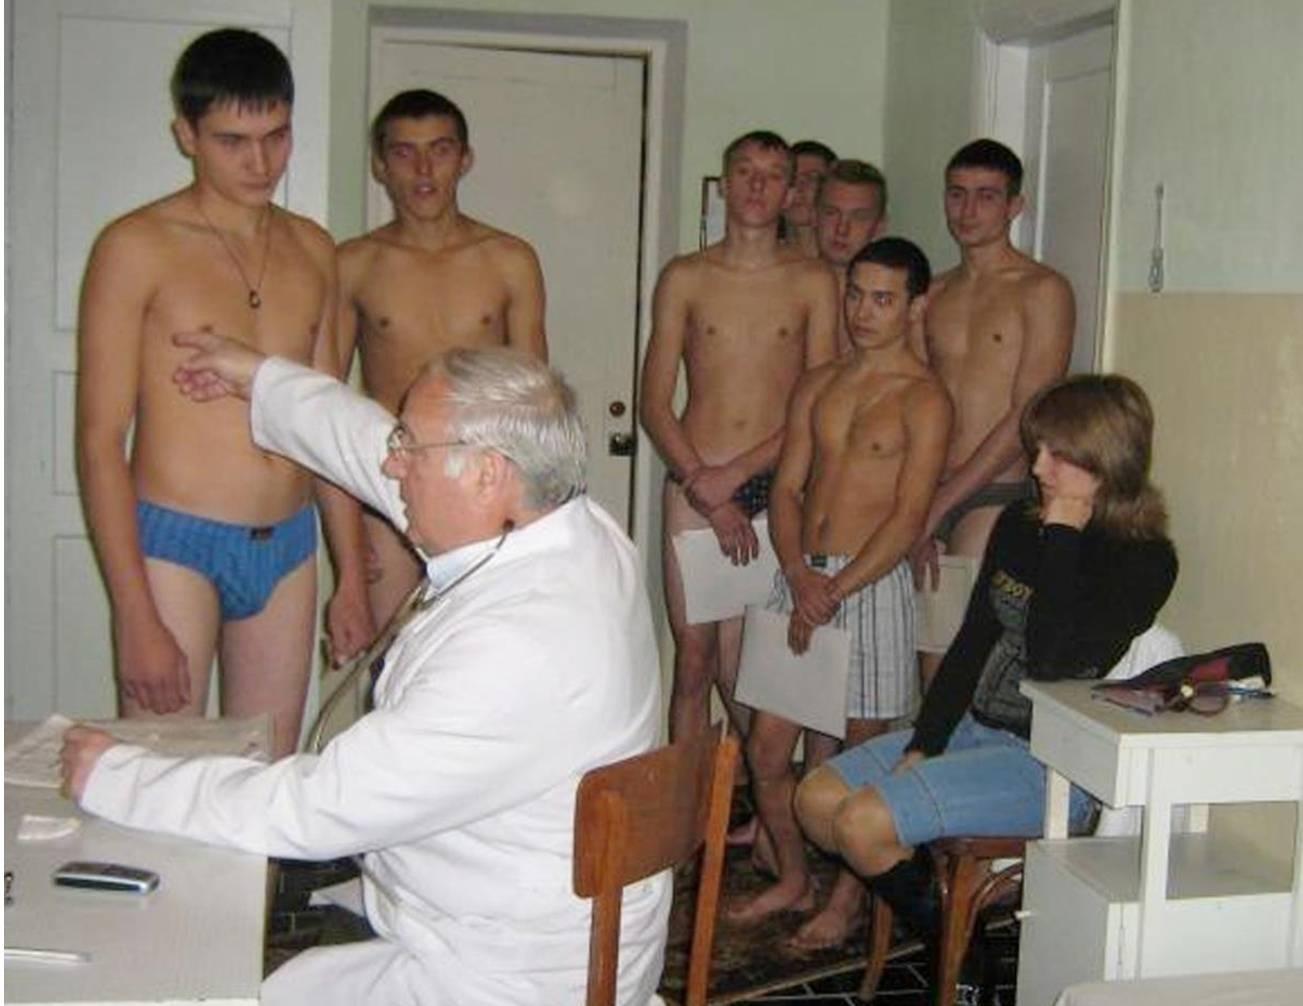 У меня в военкомате перед медсестрой член встал